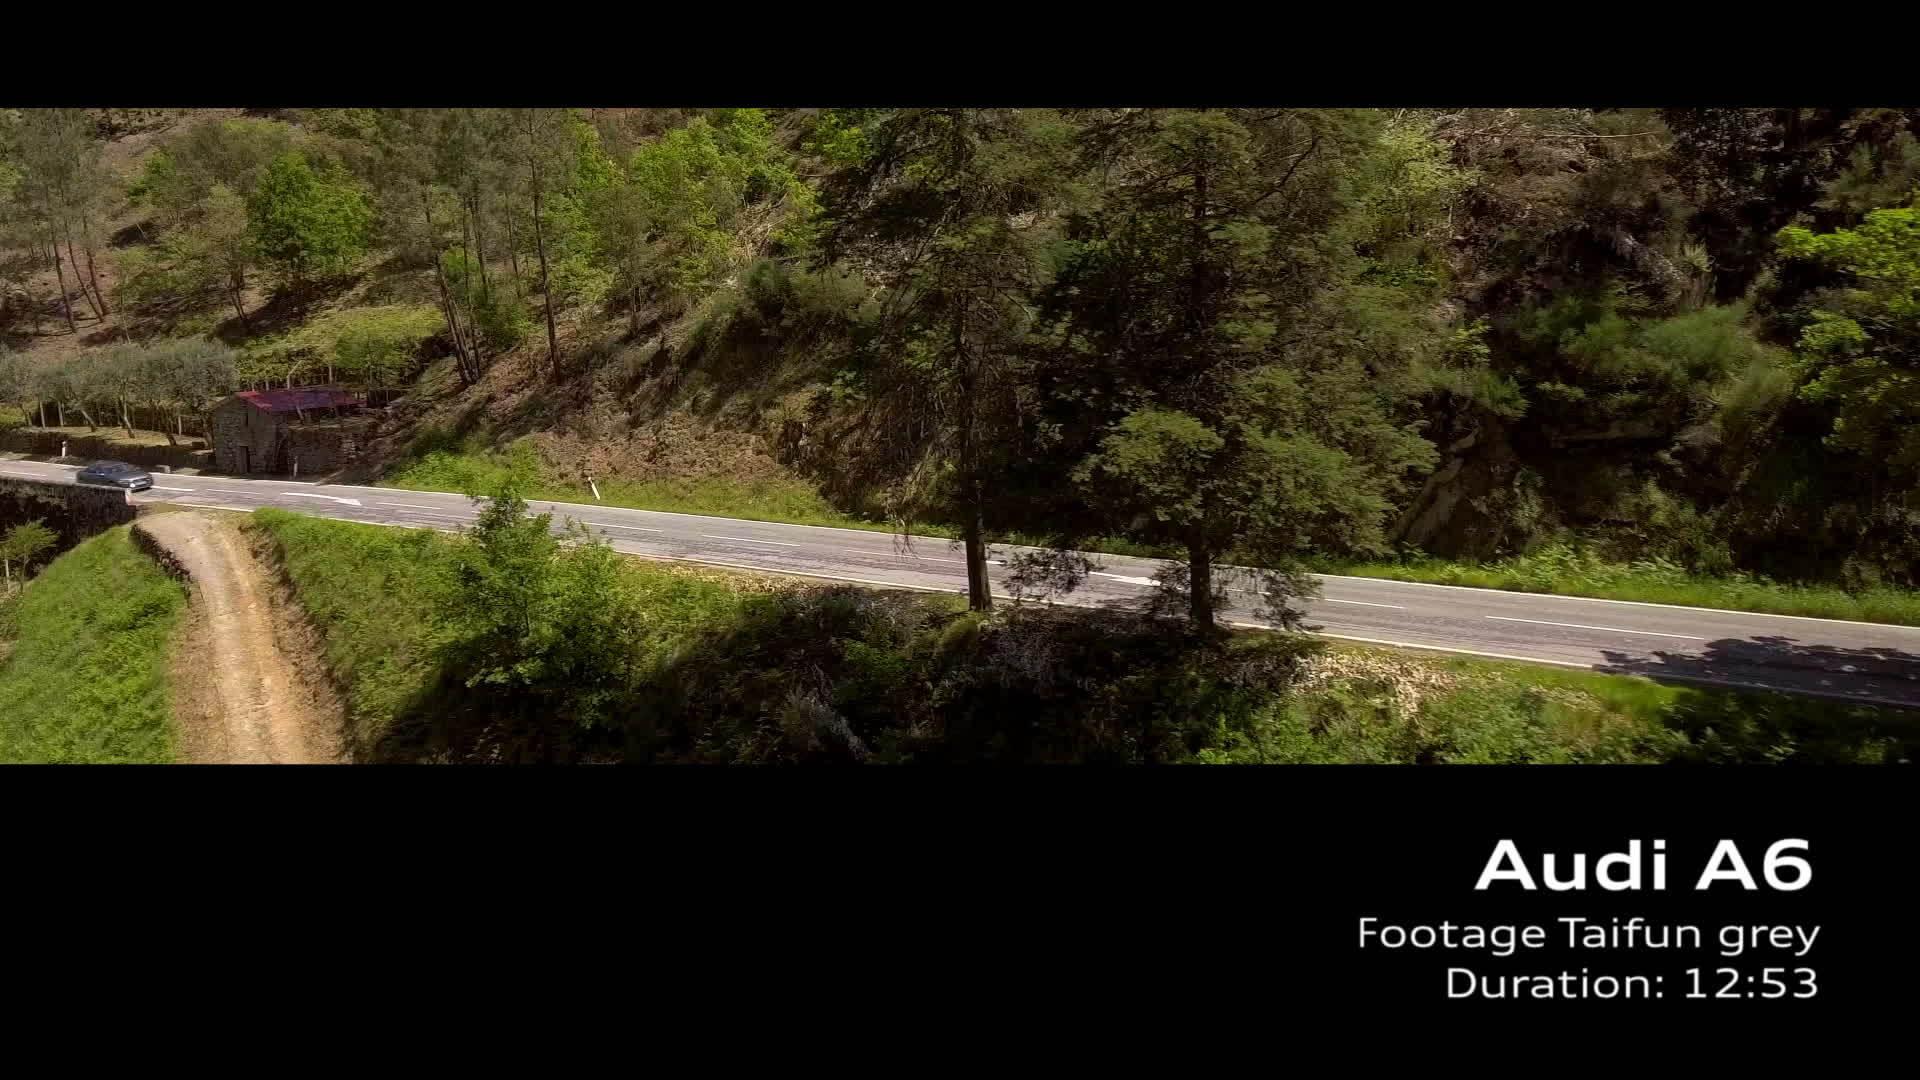 Audi A6 Footage Taifun grey